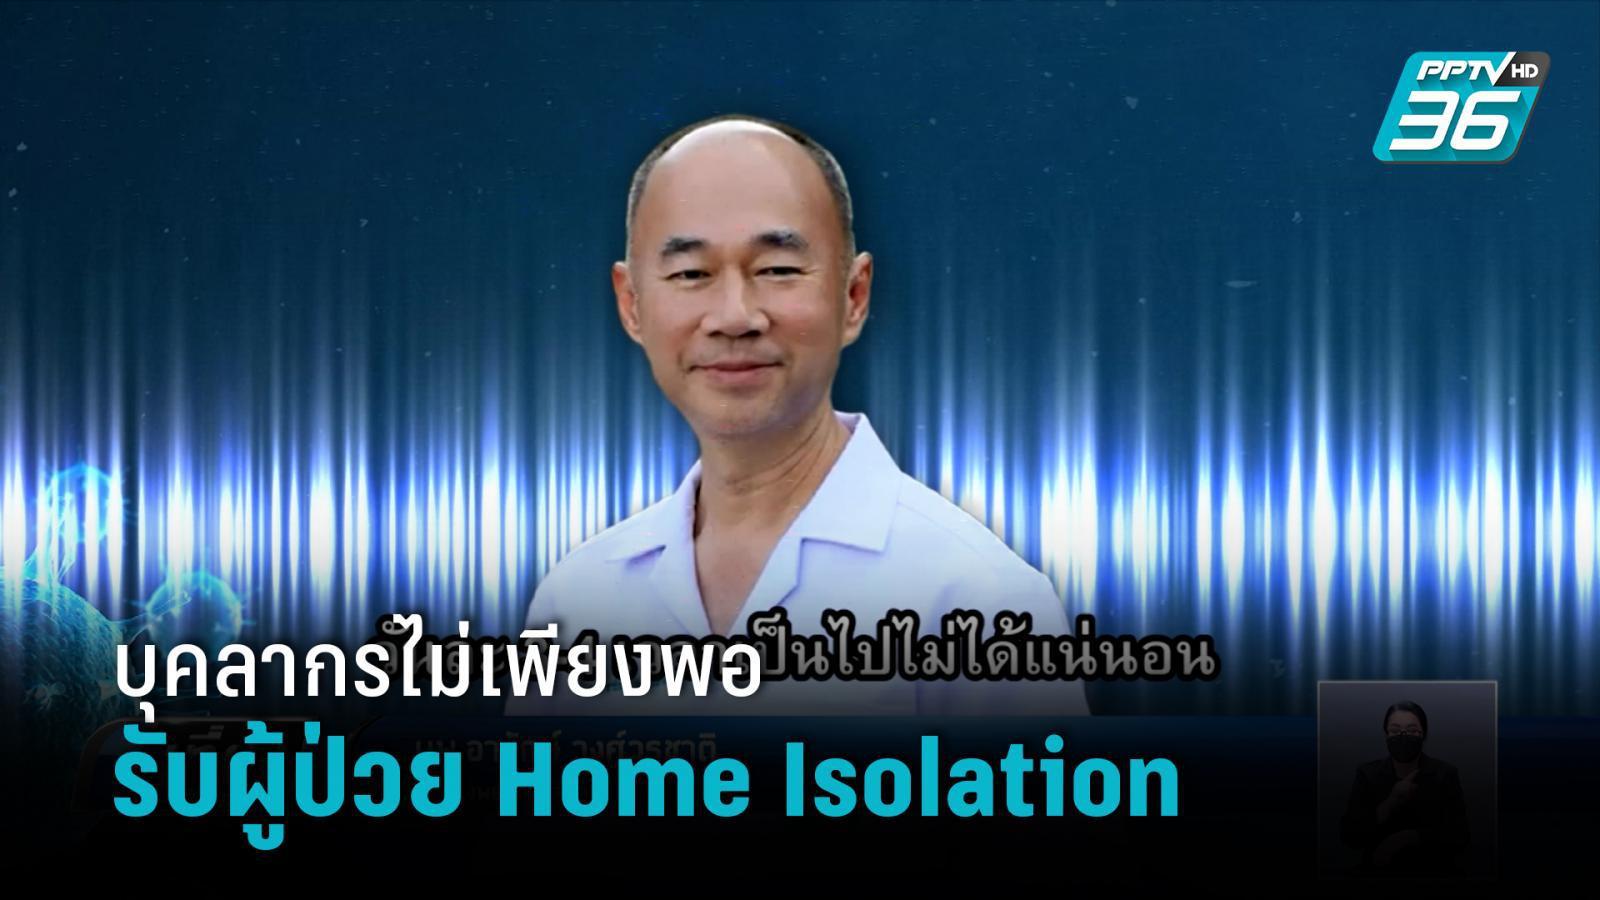 แพทย์ ชี้บุคลากรไม่เพียงพอรับผู้ป่วย Home Isolation